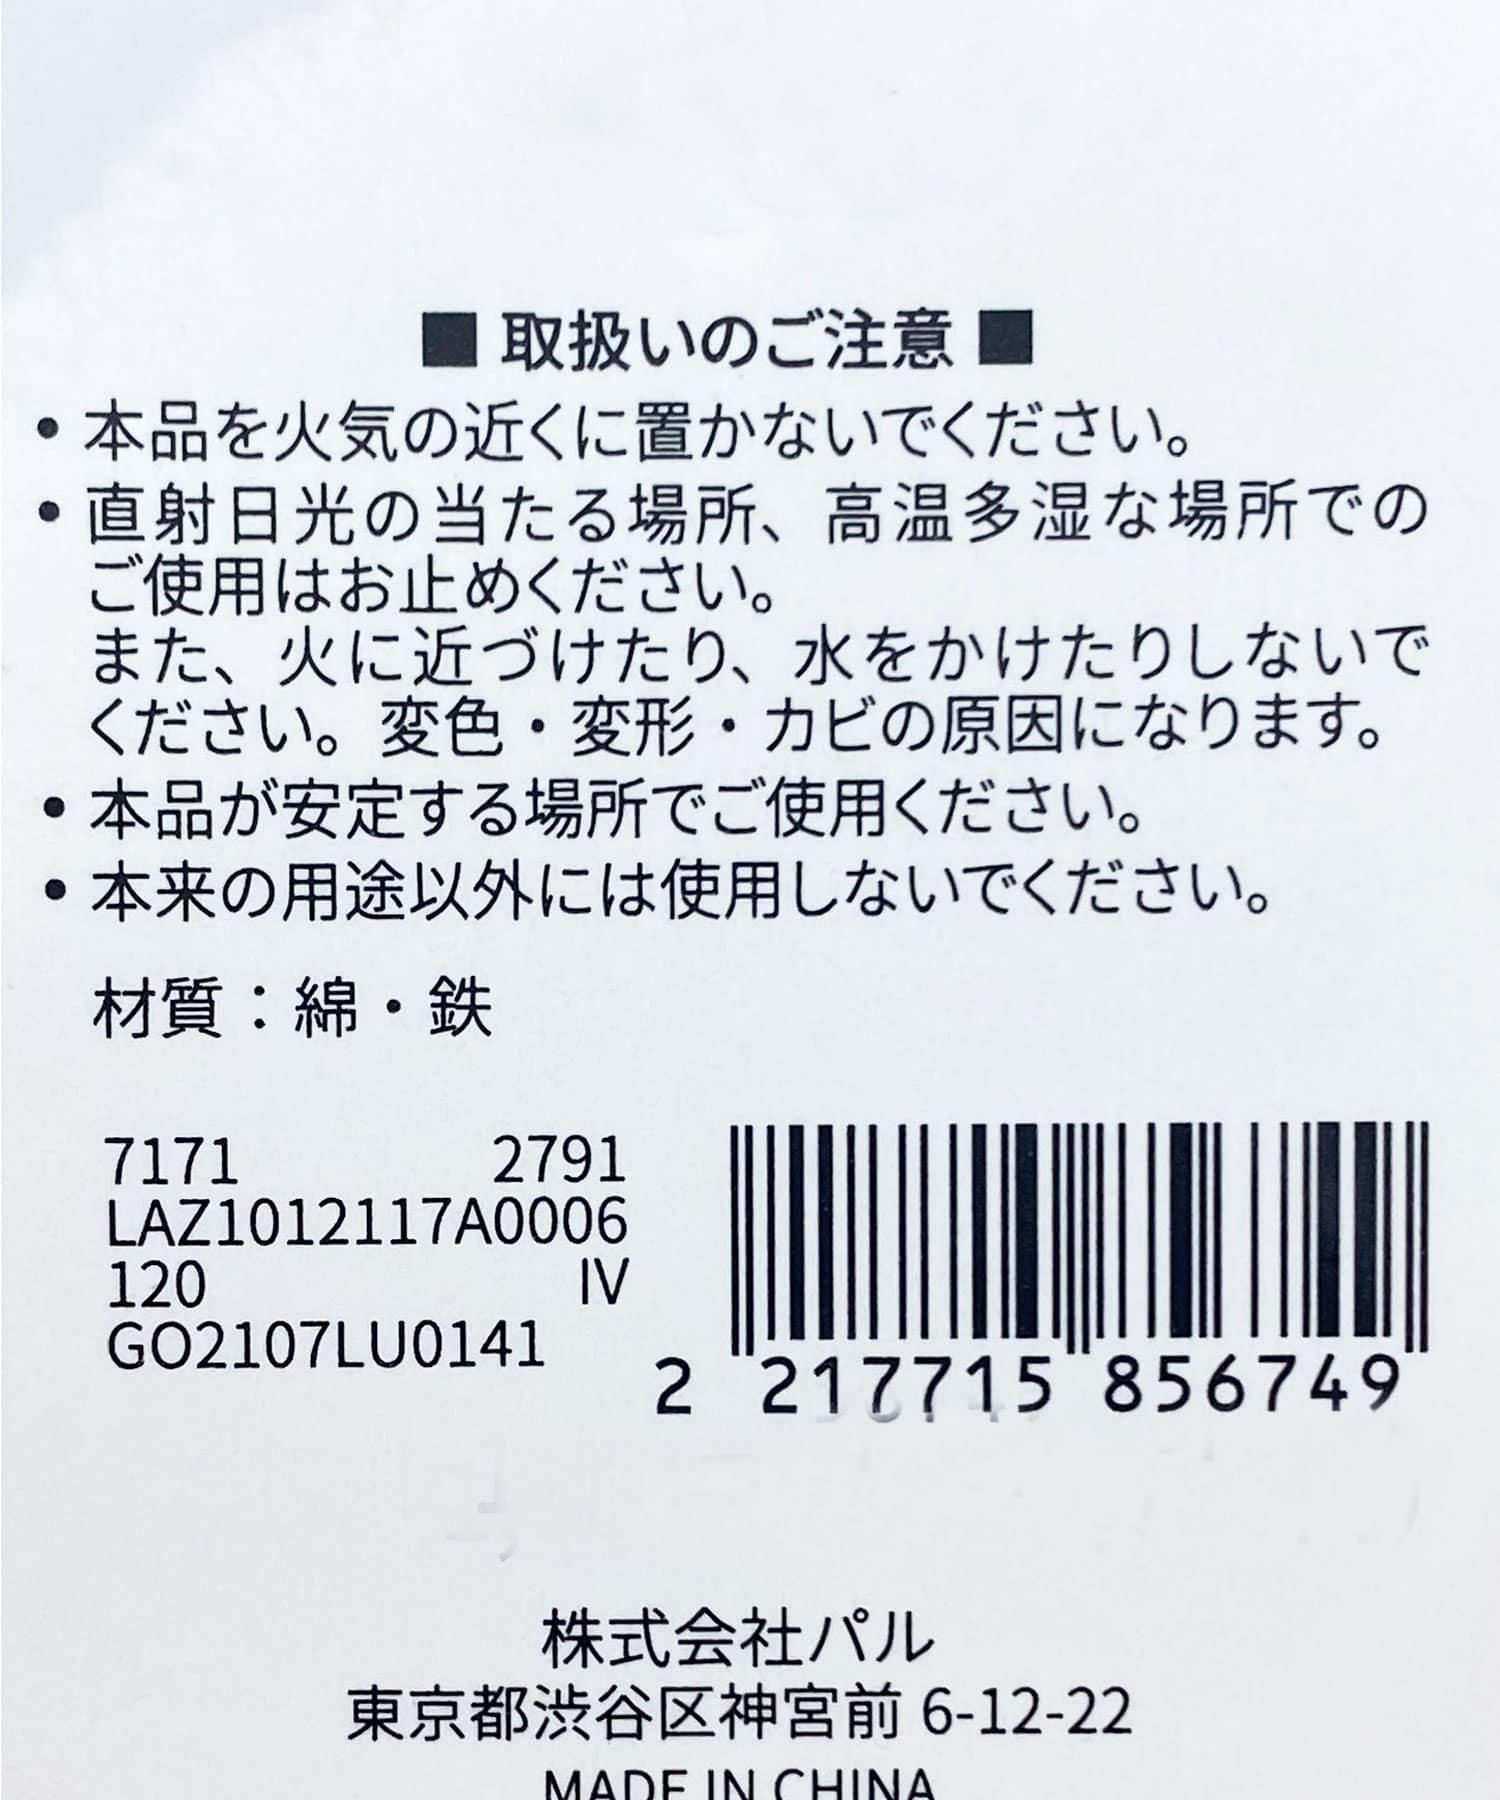 Lattice(ラティス) 【お部屋を憧れ空間に】ロープBOX(M)【WEB限定】